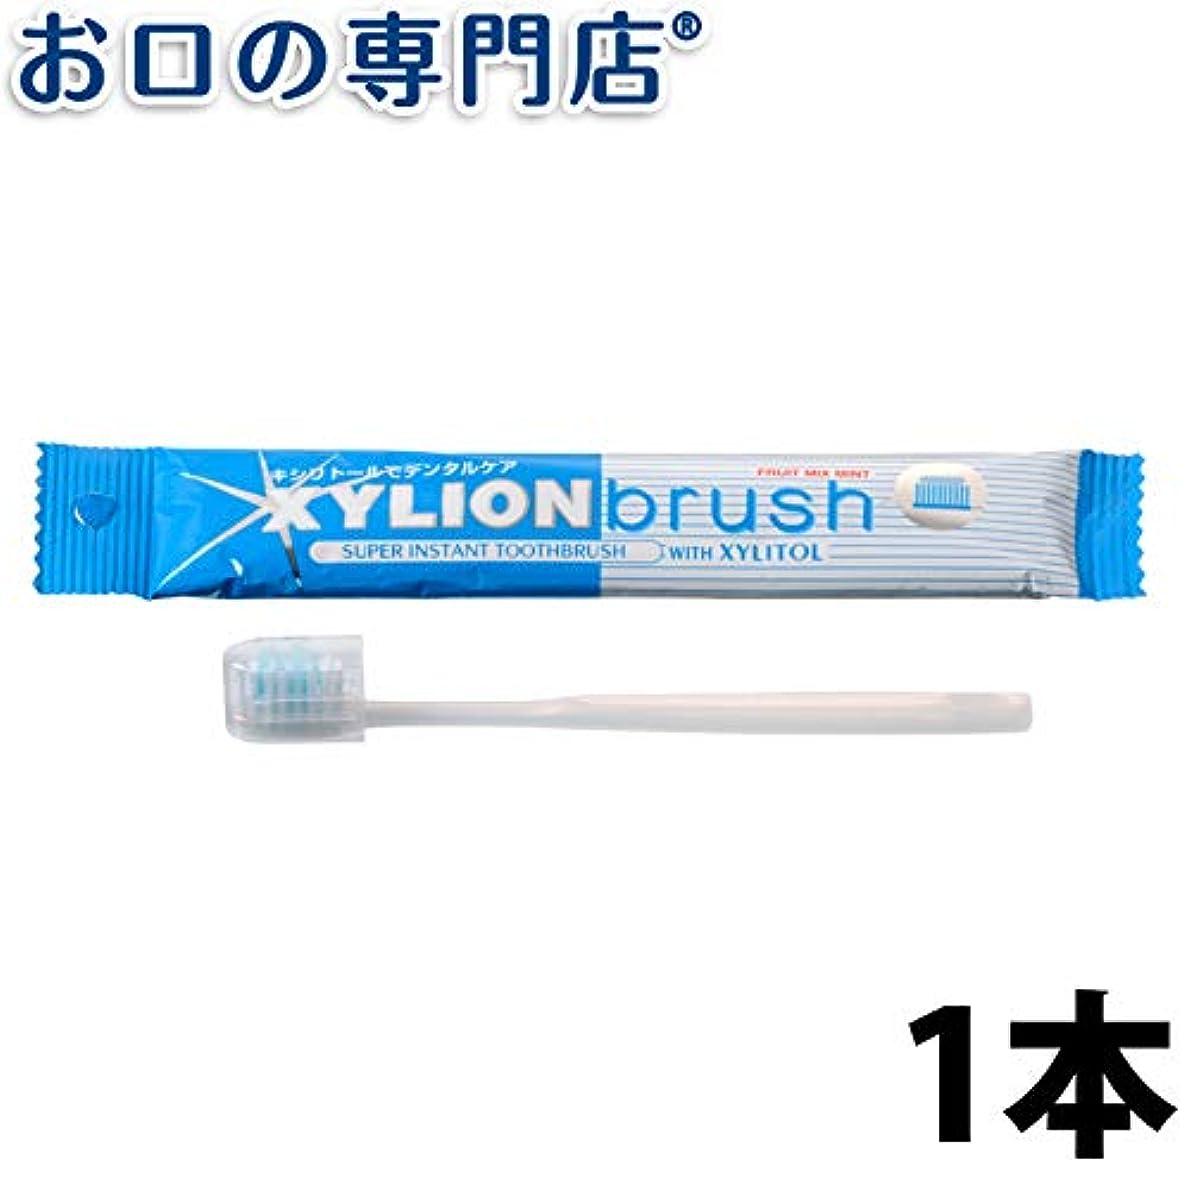 機関車モスク肌寒いキシリオンブラシ XYLION brush 1本